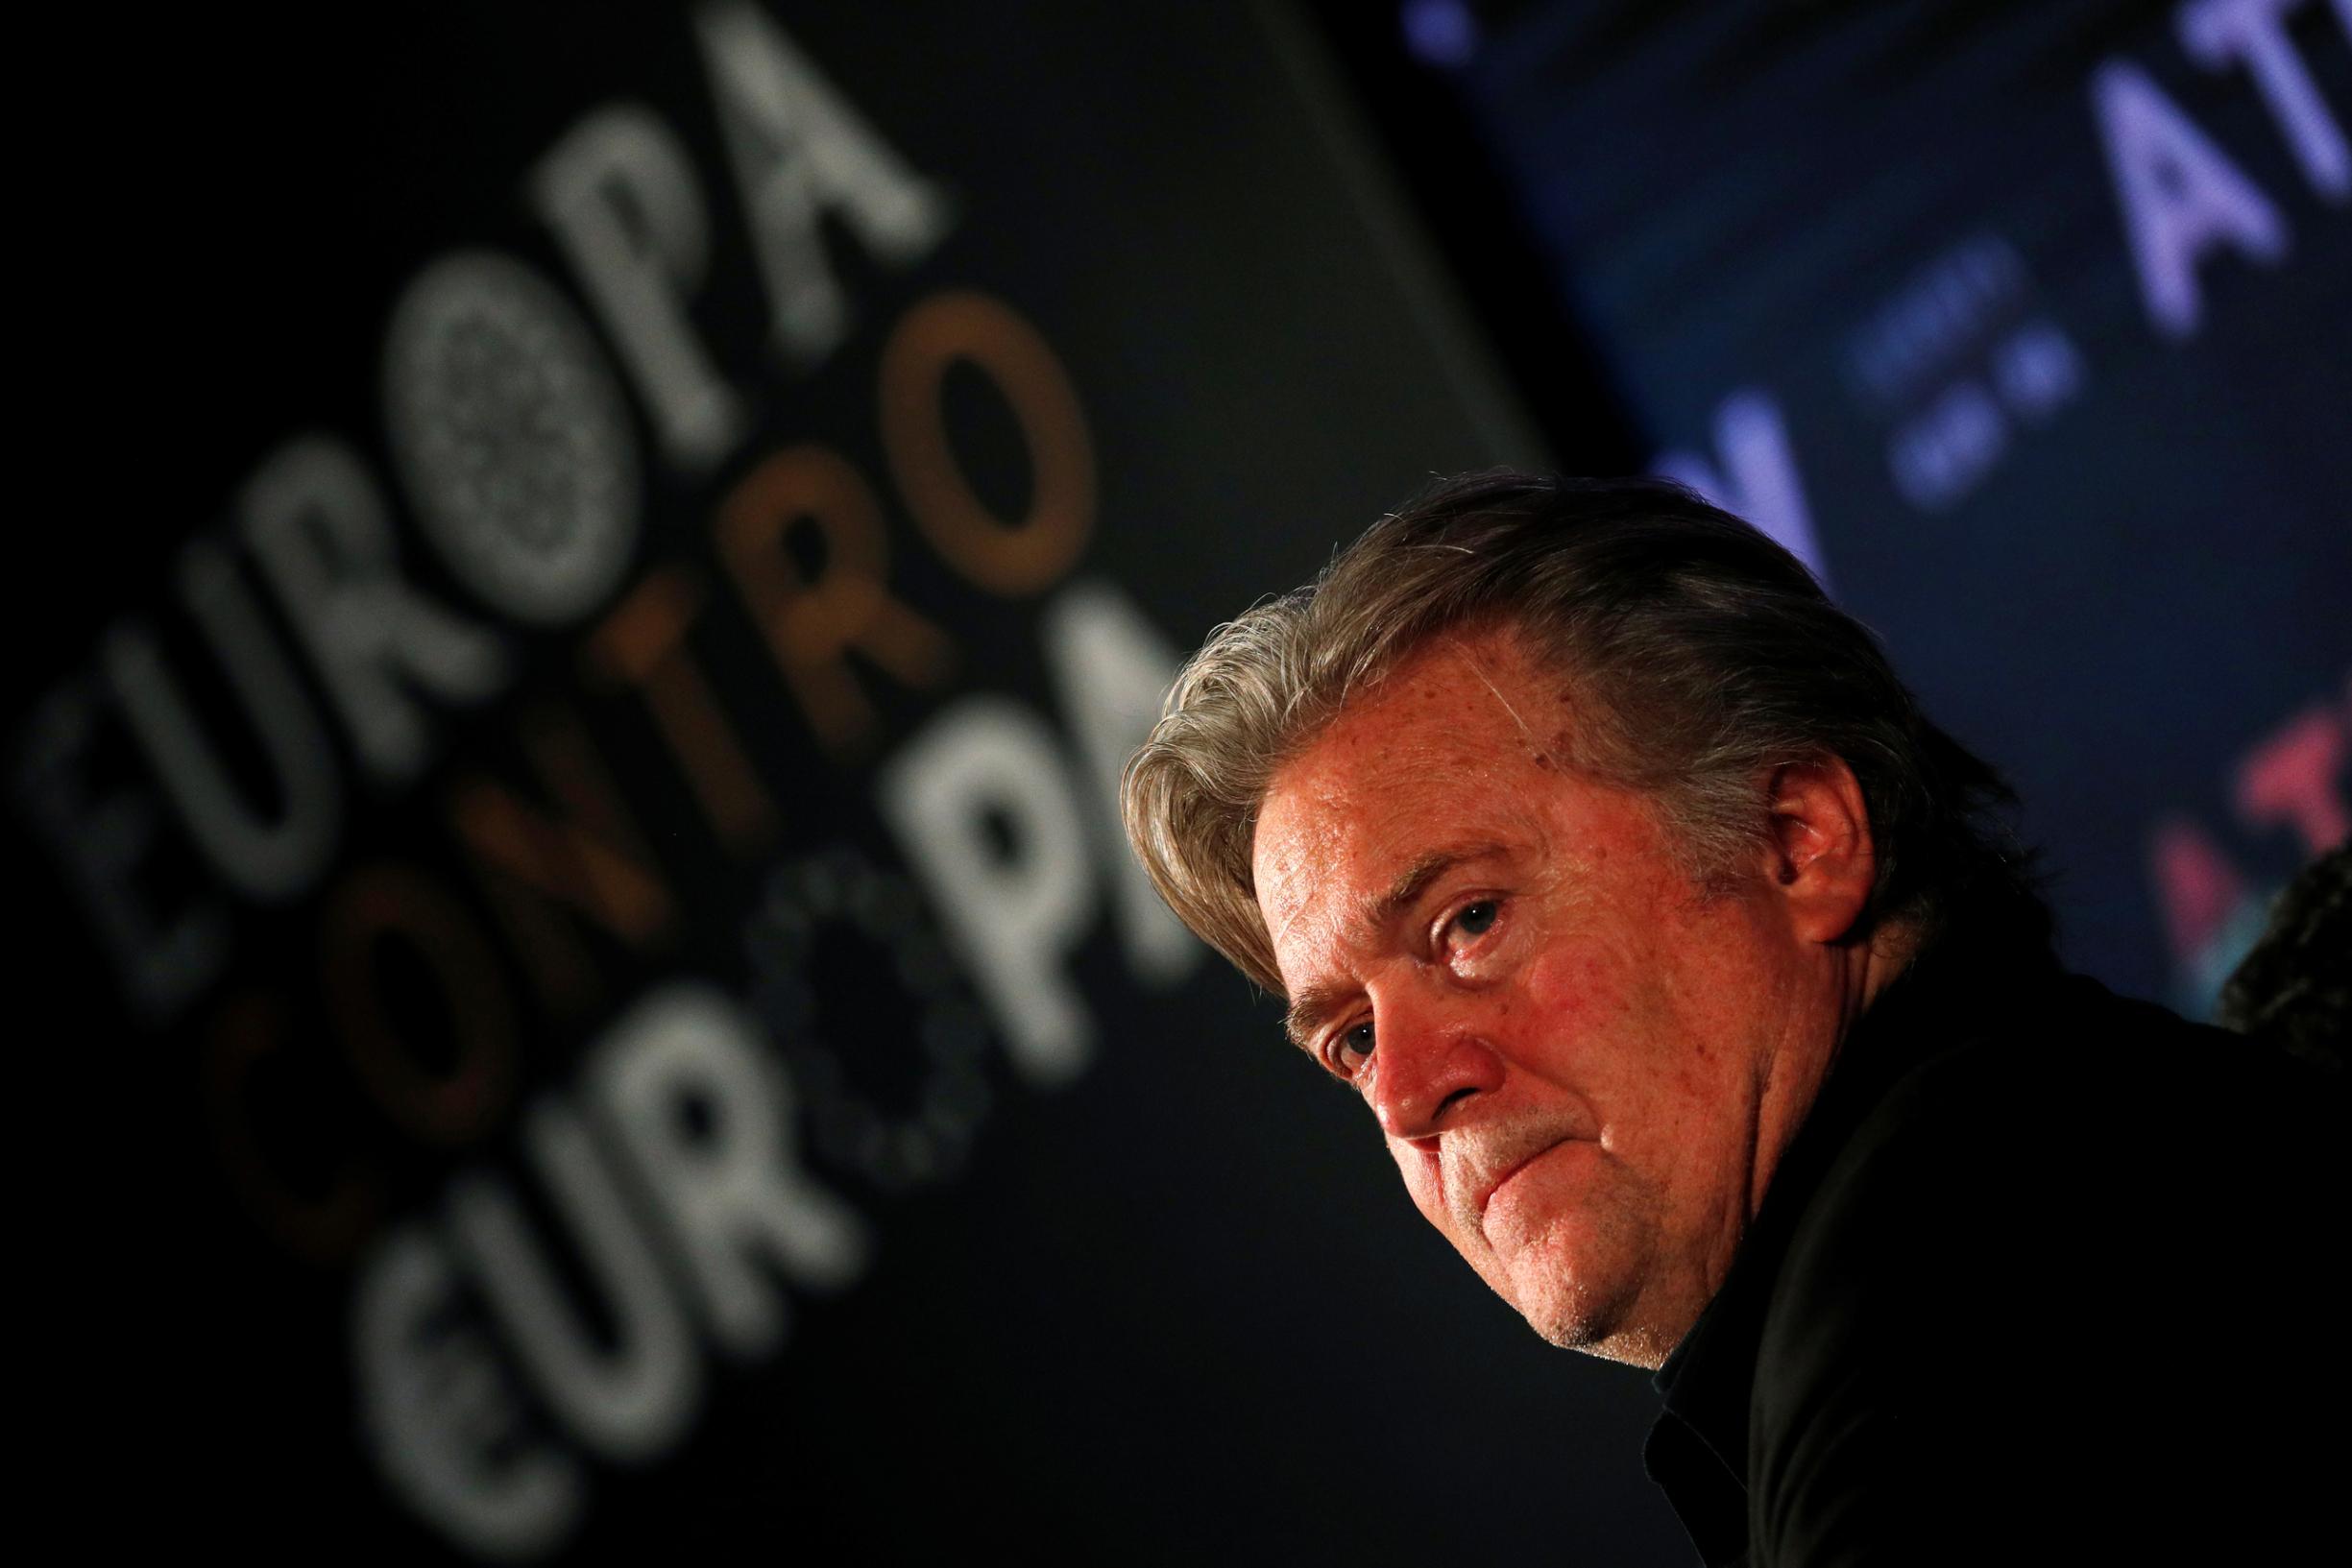 Steve Bannon, bivši strateg američkog predsjednika Donalda Trumpa, poznat je po povezivanju europskih populista i nacionalista